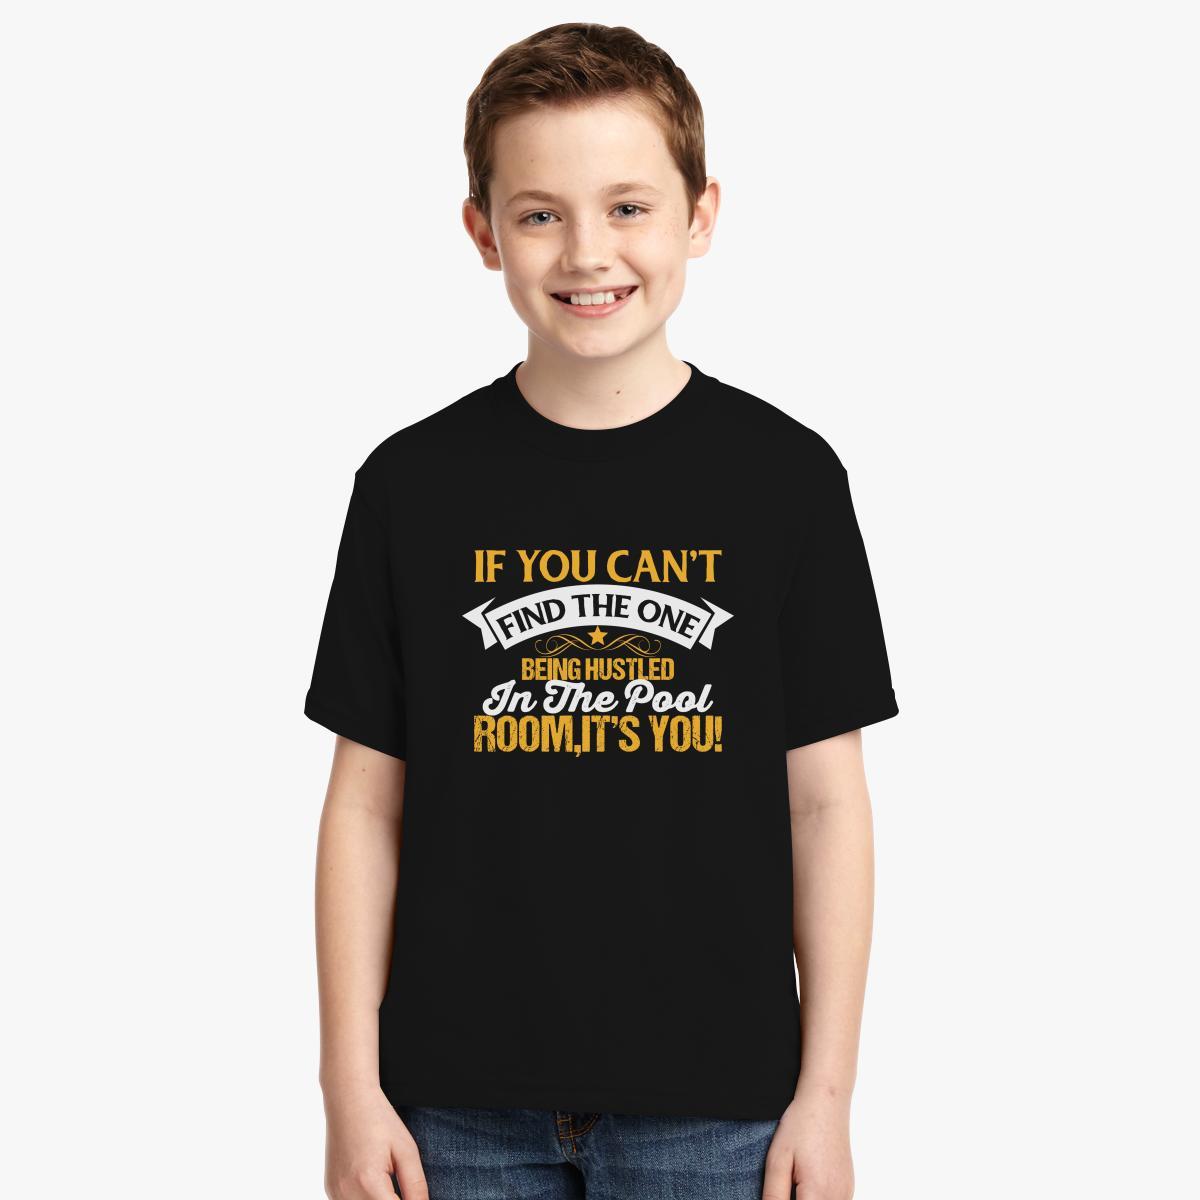 Copycat reccomend Pool hustler t shirts